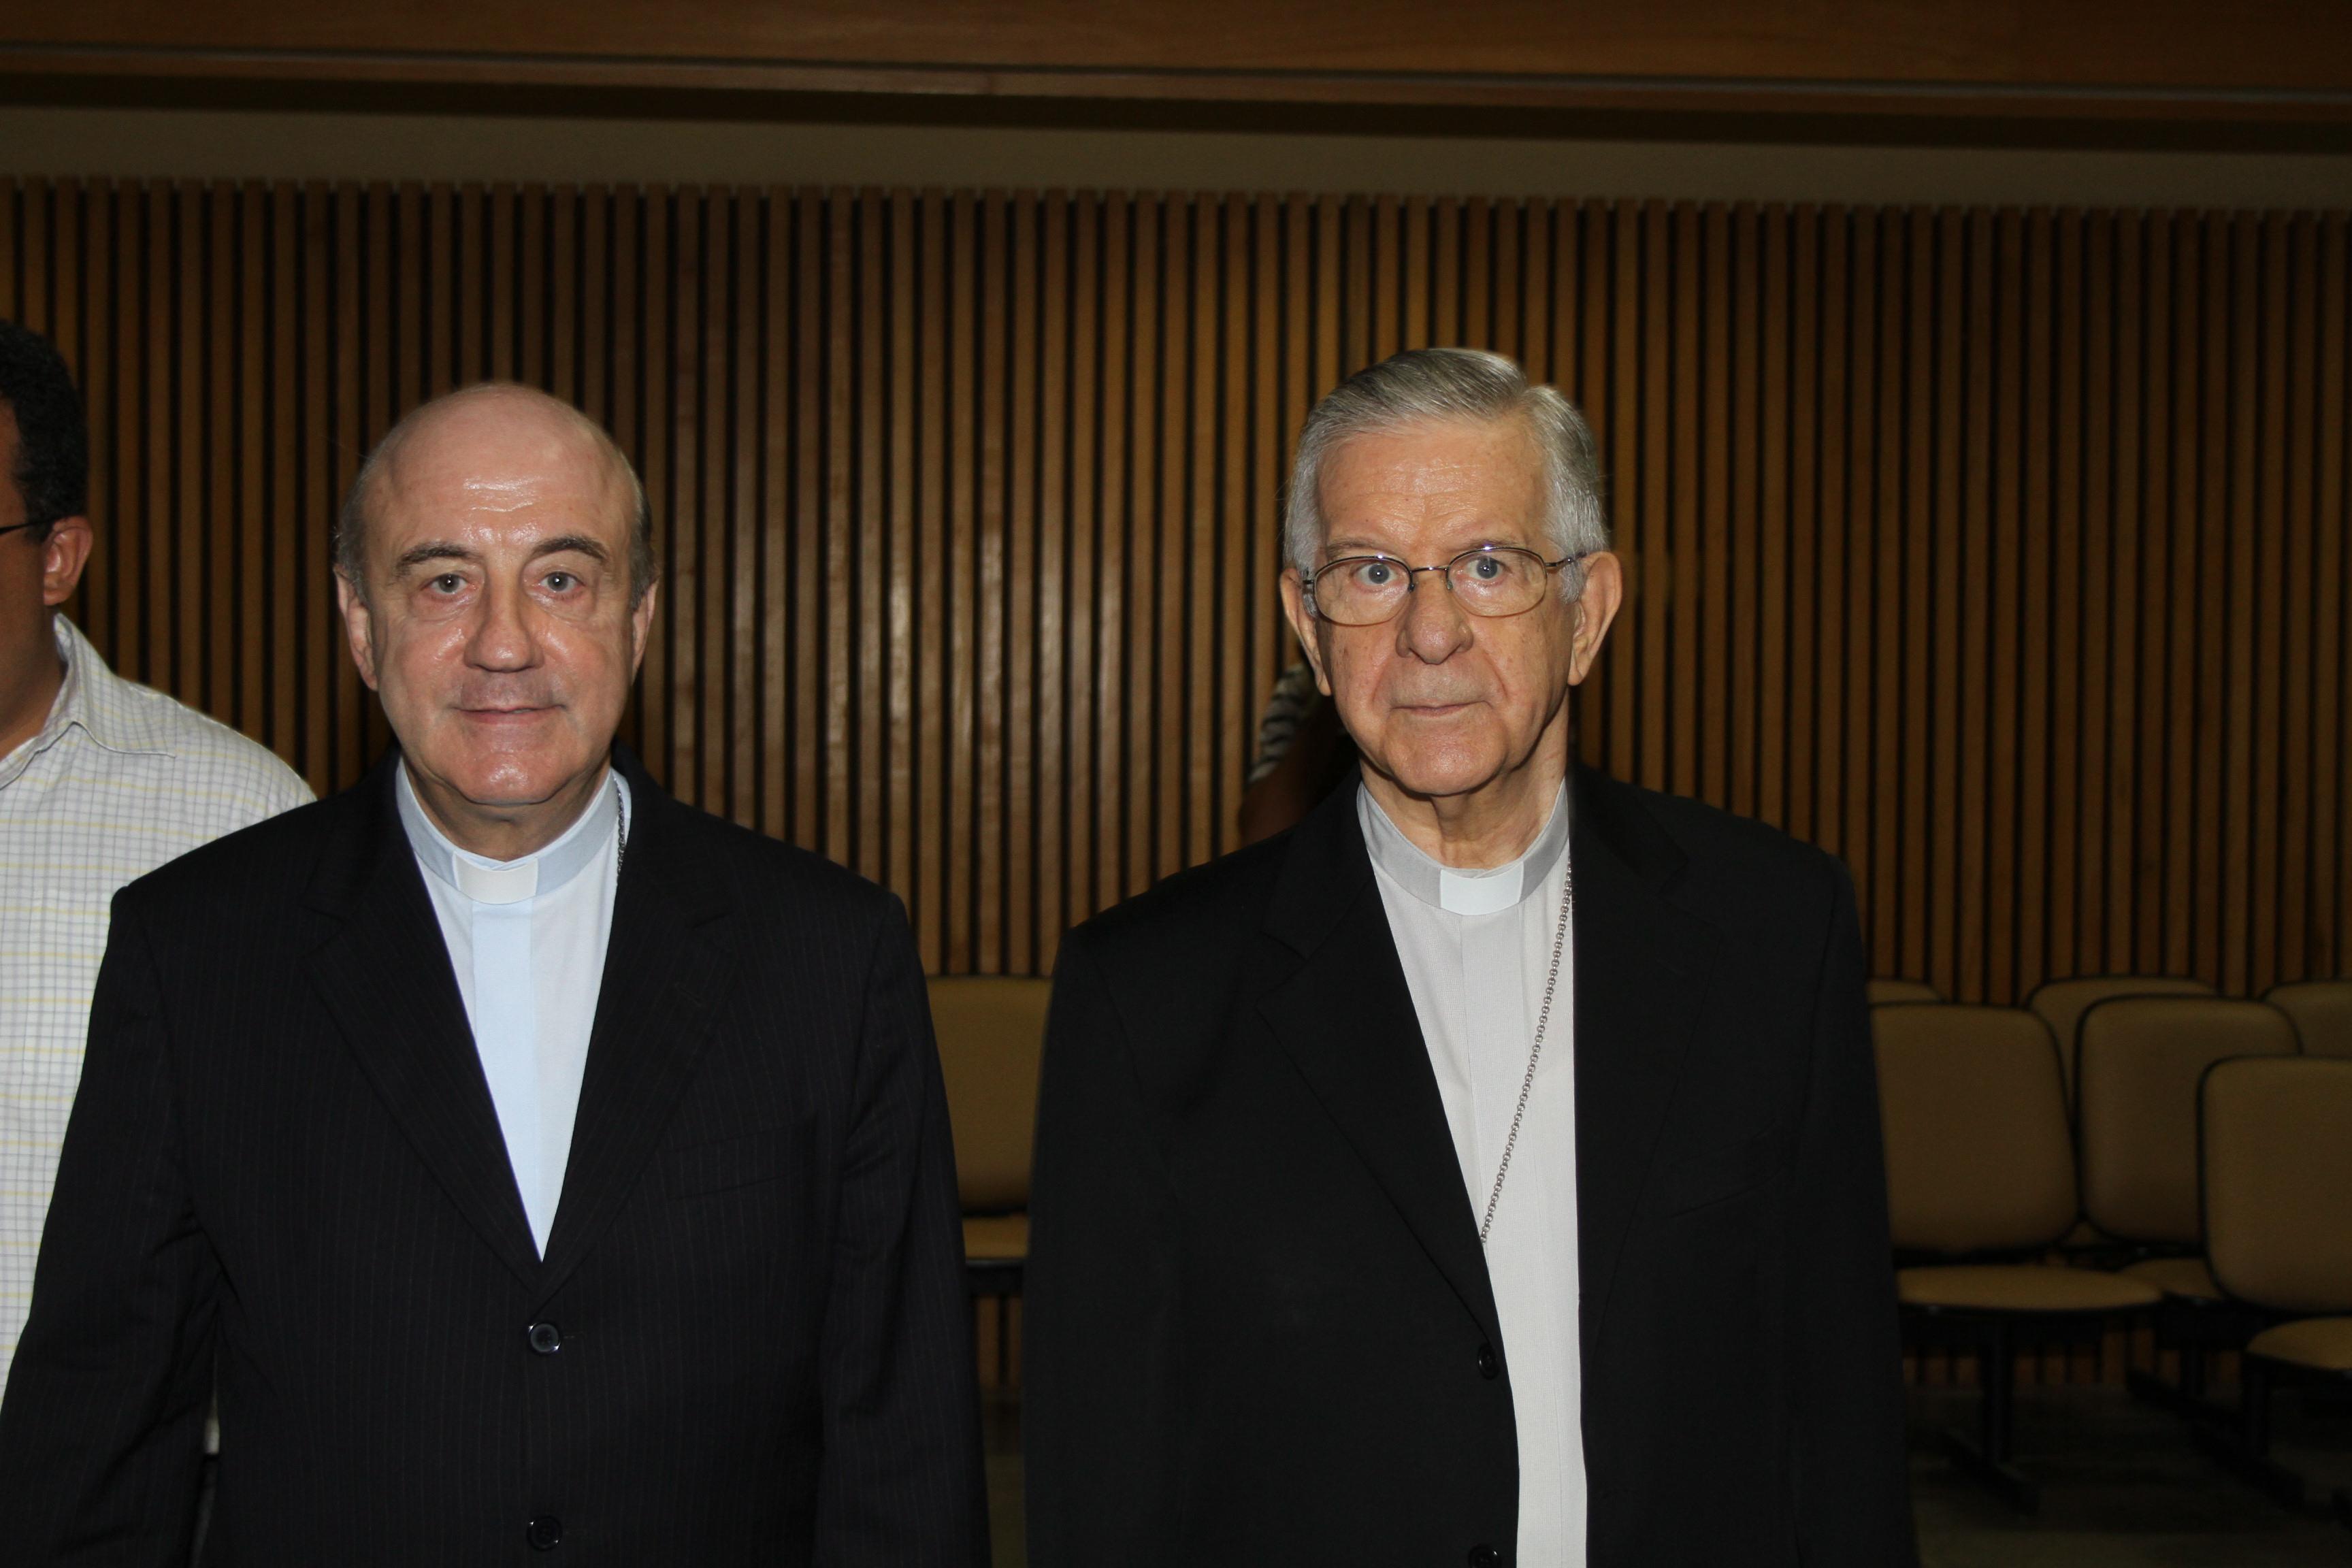 Cardeal Dom Geraldo Majella, apresentou o novo arcebispo de Salvador, Dom Murilo Krieger